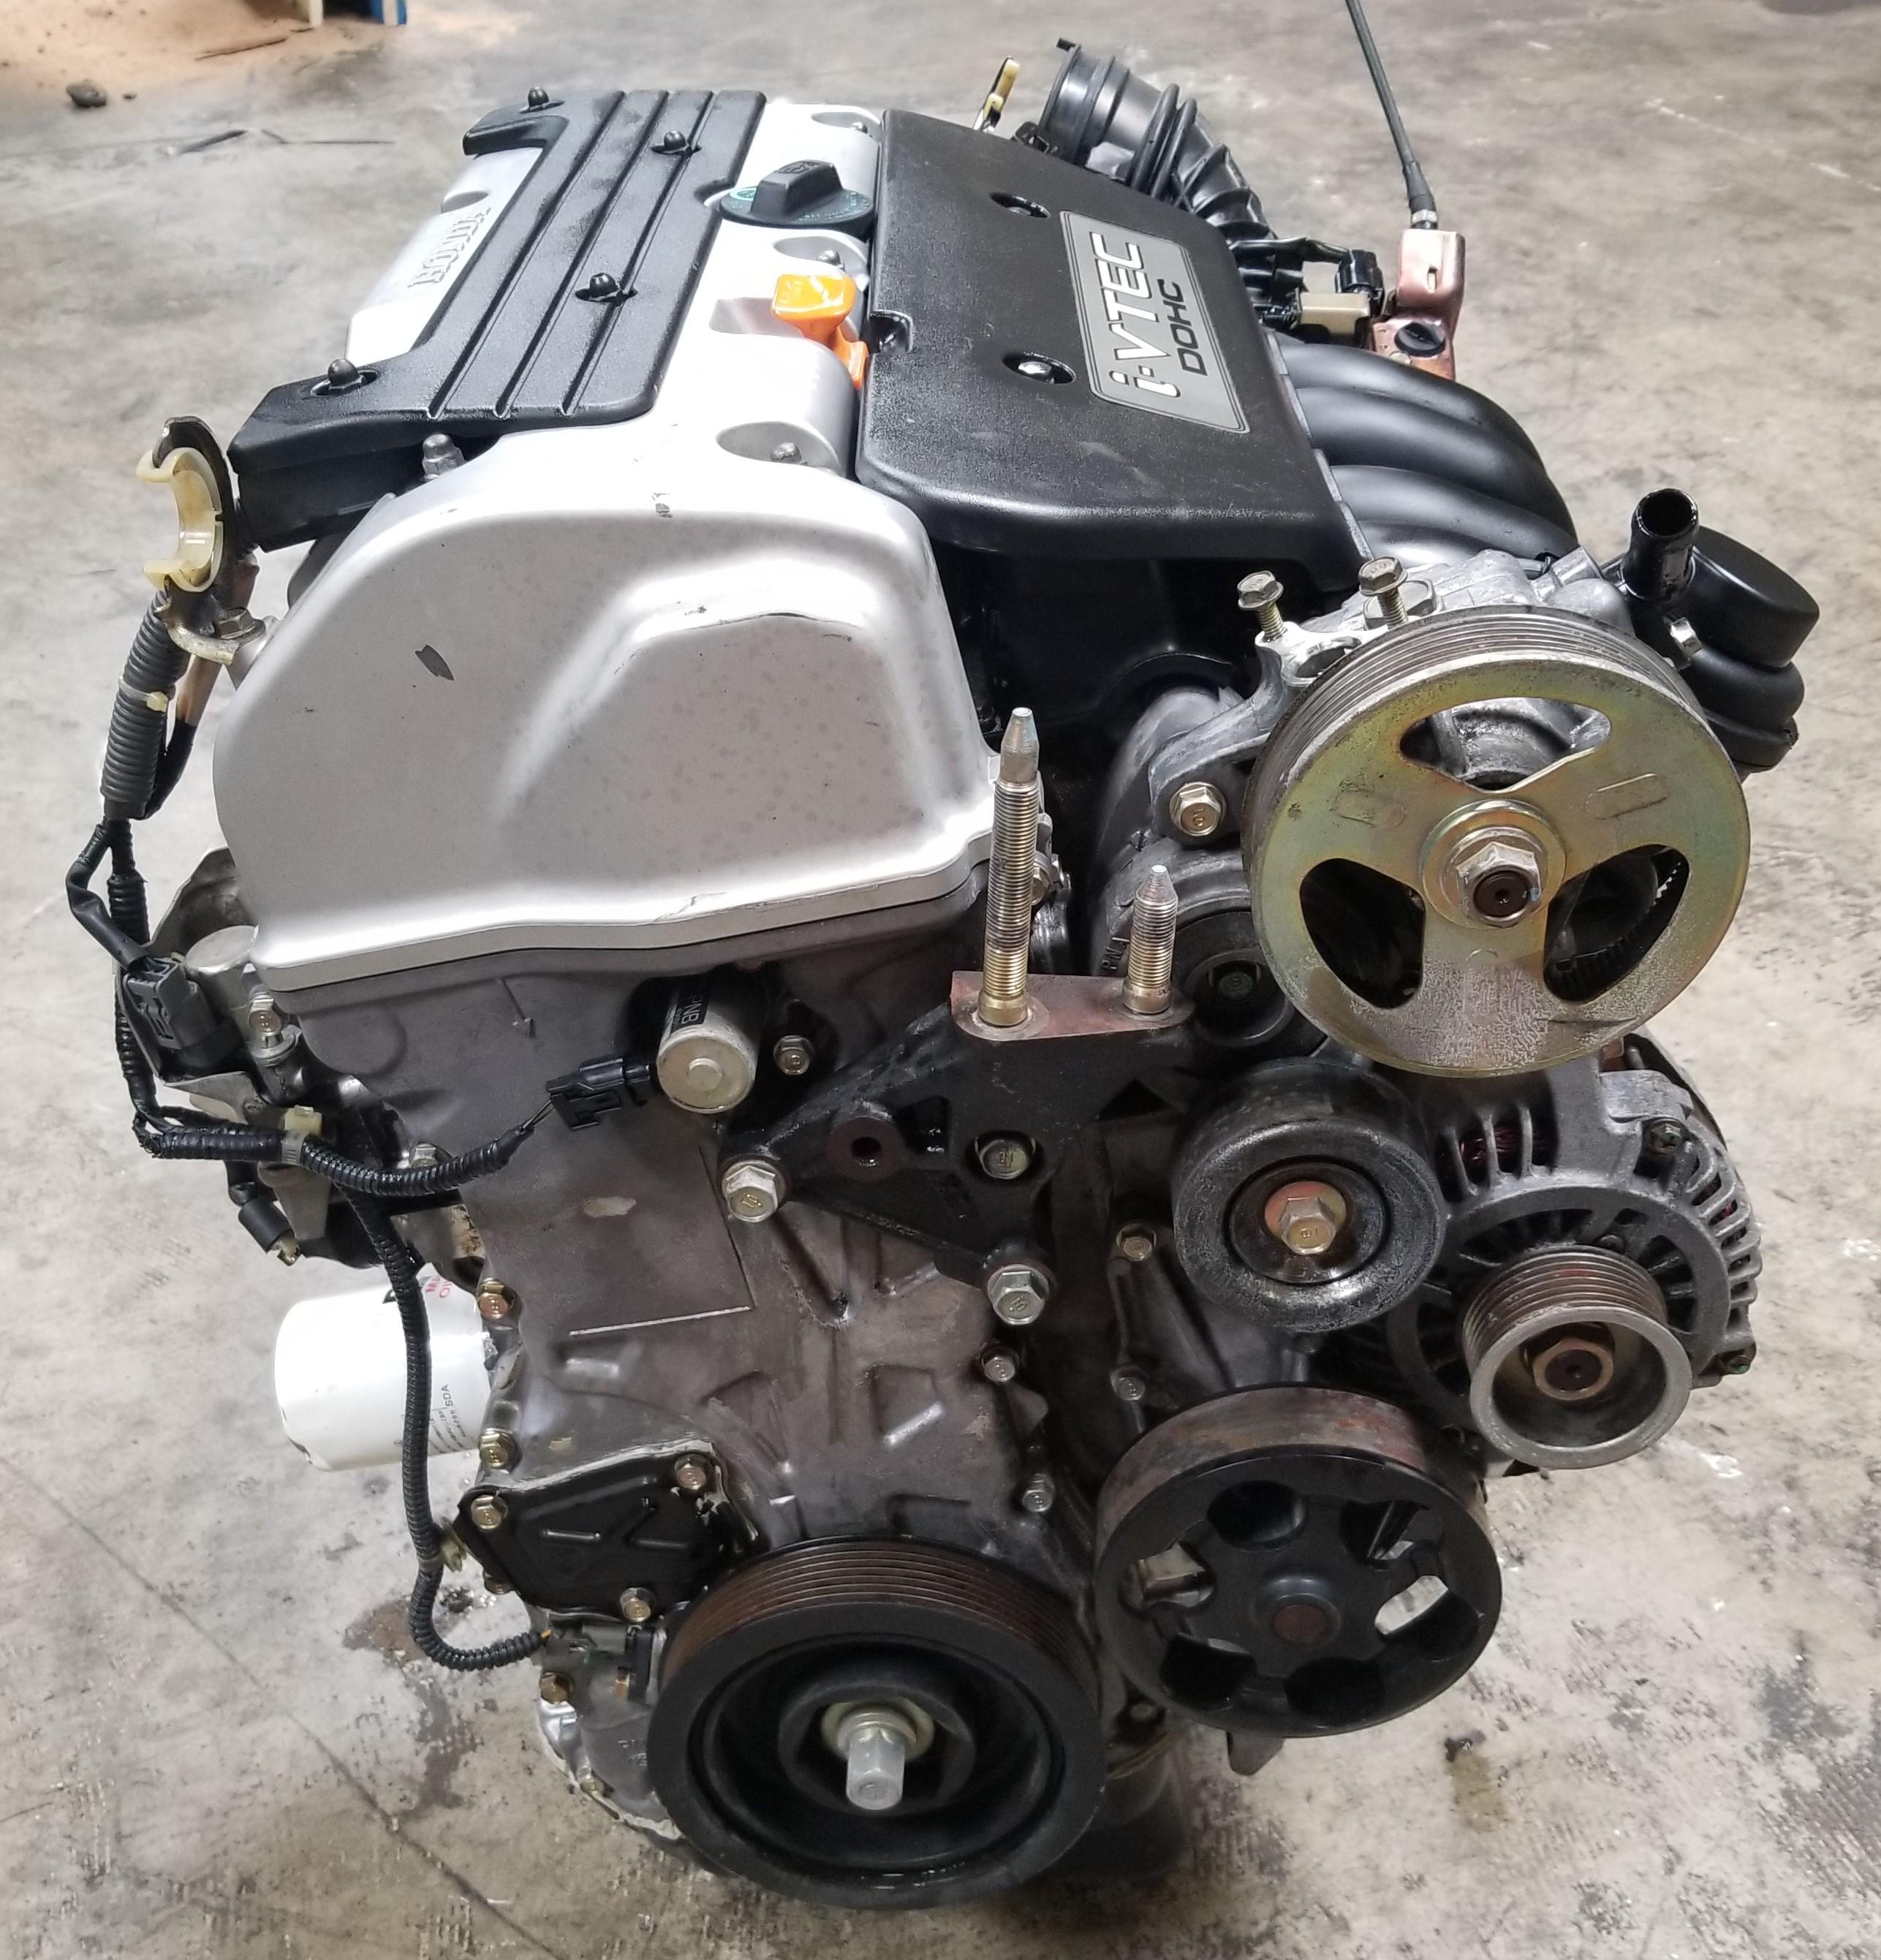 K ACURA RSX BASE CIVIC SI ENGINE JDM KA K KA - 2006 acura rsx engine